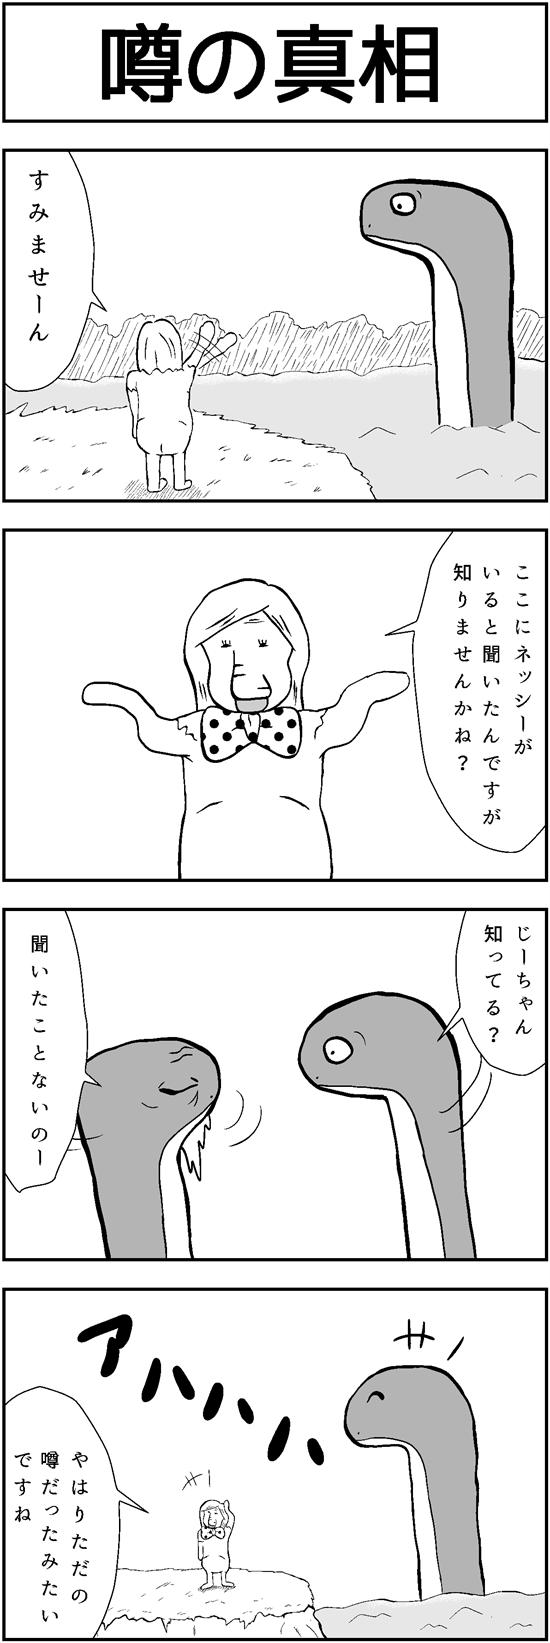 4コマ漫画噂の真相